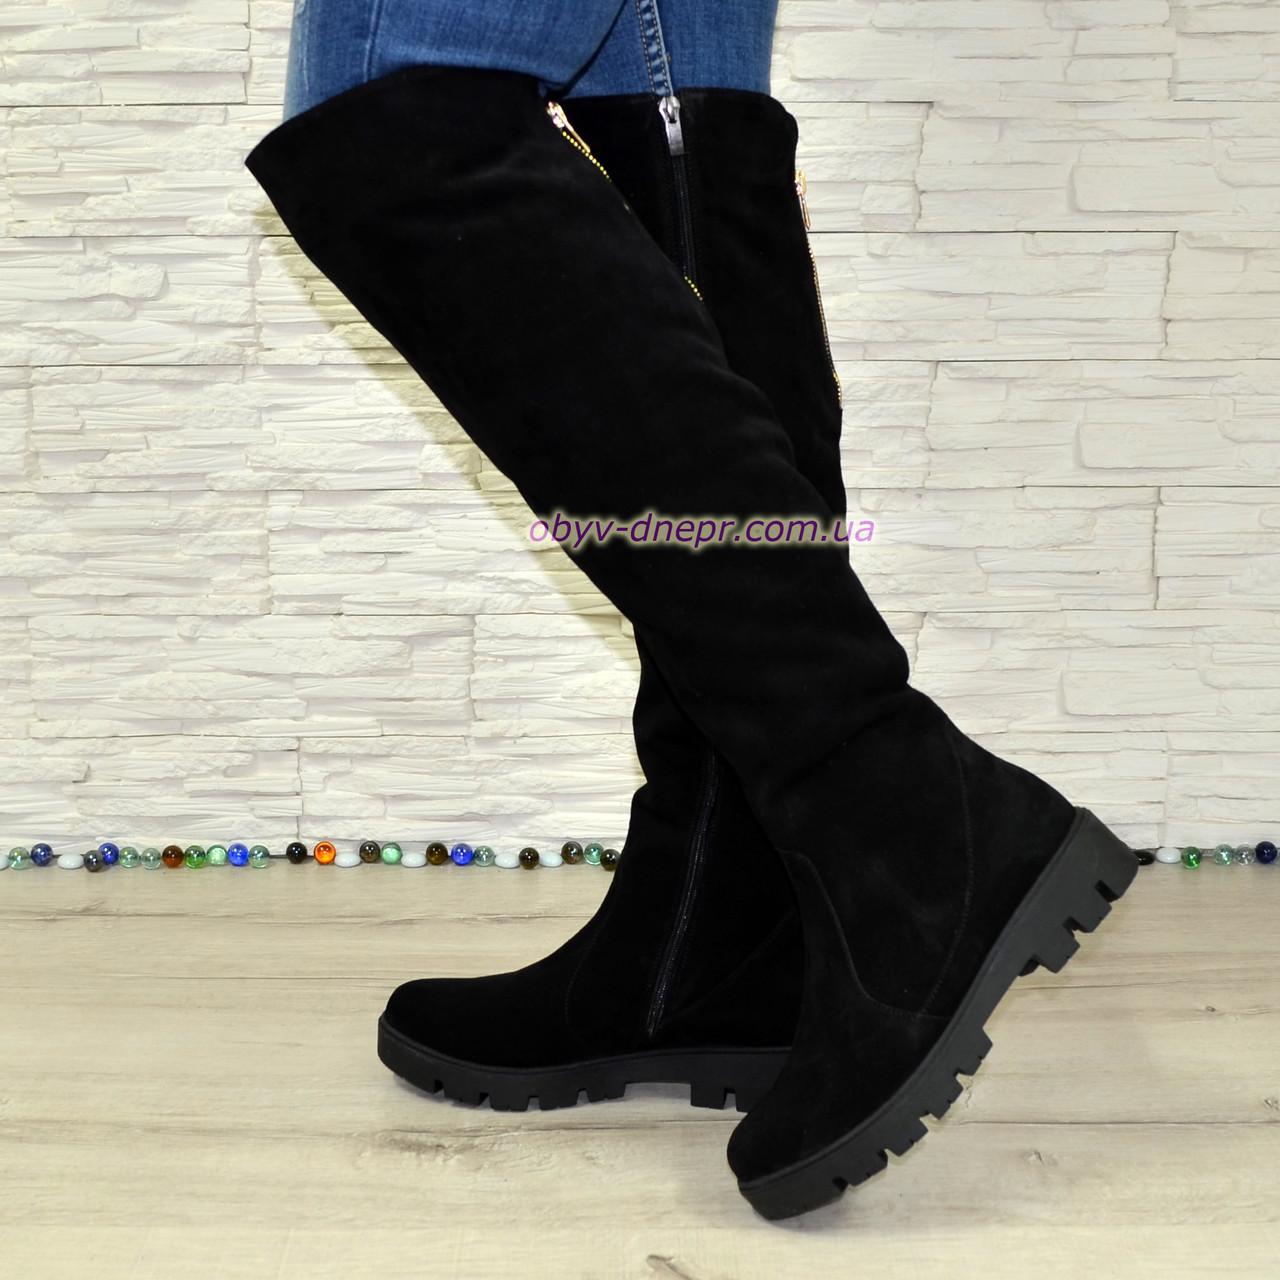 c5f2696227b6 Ботфорты женские замшевые черные зимние на тракторной подошве - Bigl.ua